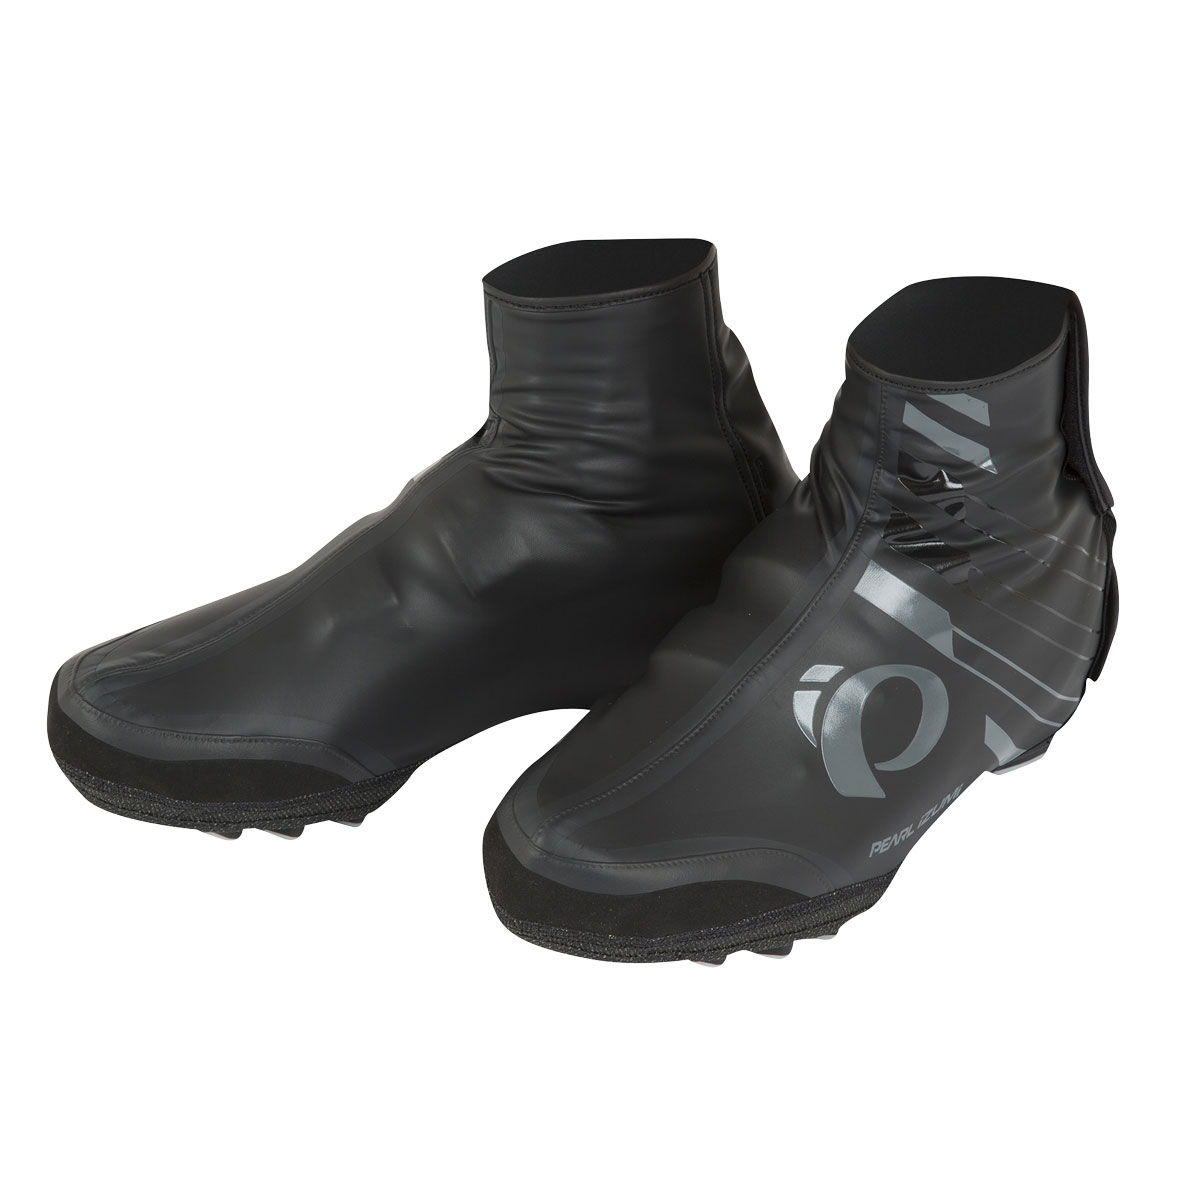 PEARL iZUMi PRO BARRIER WXB MTB návleky na boty, černá, L